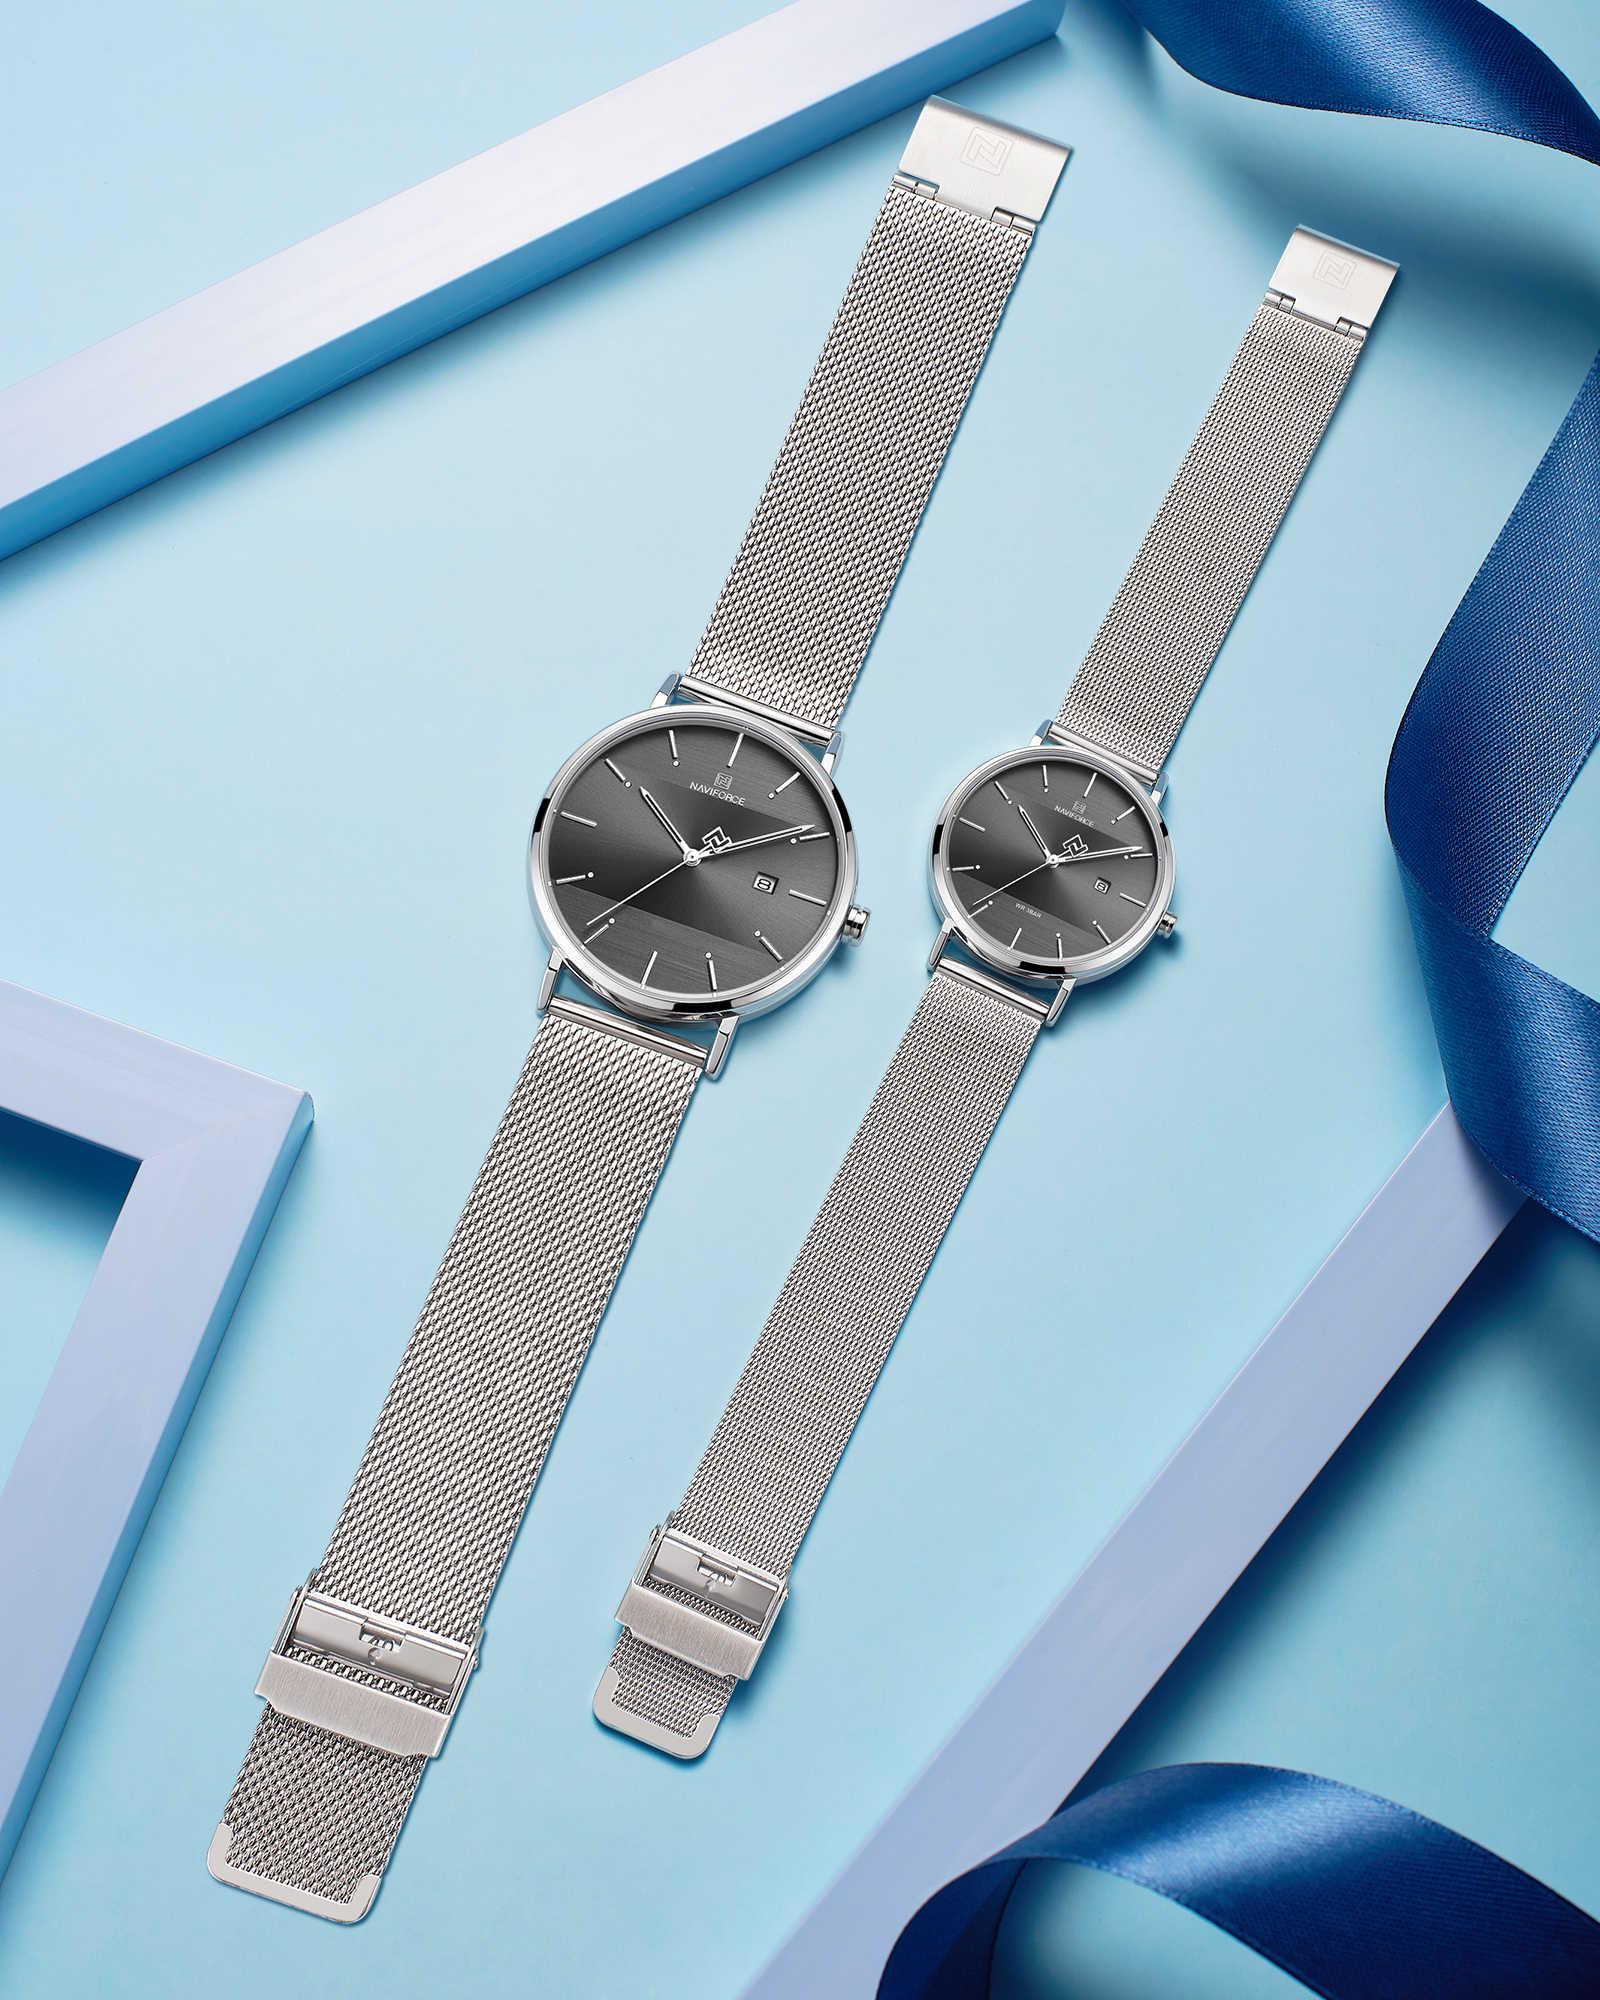 Amant montre NAVIFORCE Top marque de luxe en acier inoxydable montre étanche pour hommes et femmes mode décontracté montre-bracelet ensemble à vendre